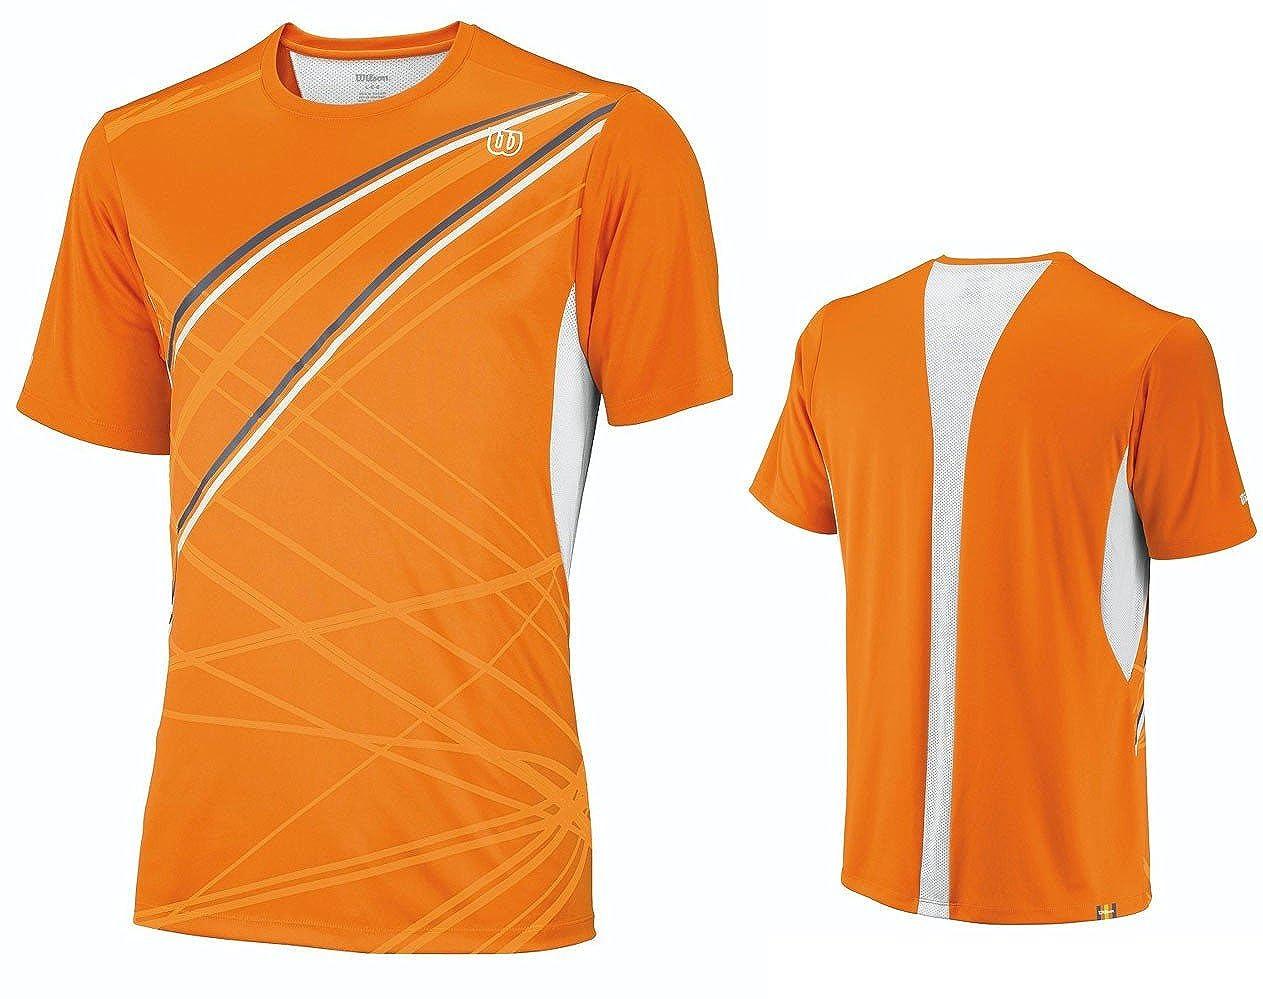 WILSON - Camiseta de pádel para hombre, tamaño XL, color ...